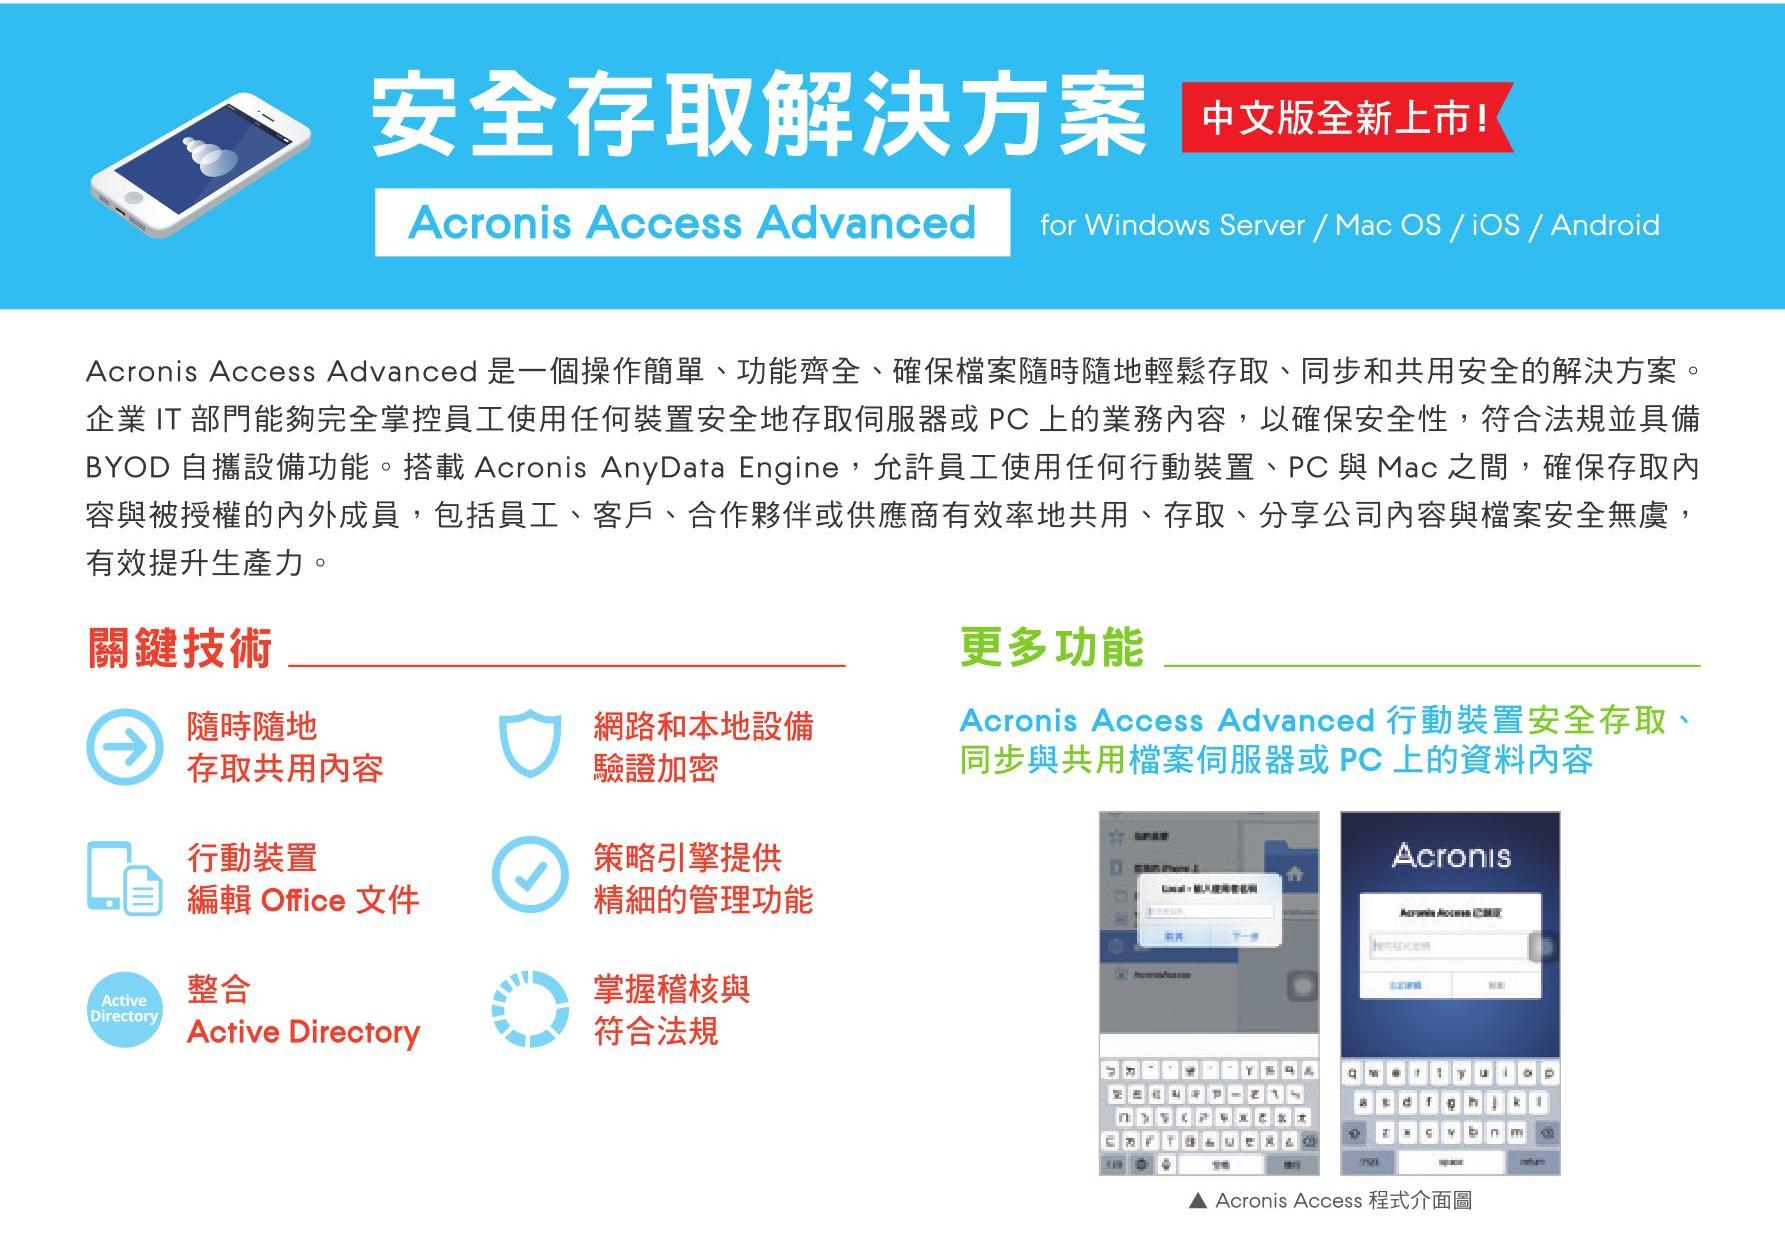 acronis-%e5%ae%89%e5%85%a8%e5%ad%98%e5%8f%96-ezb2b-20161129